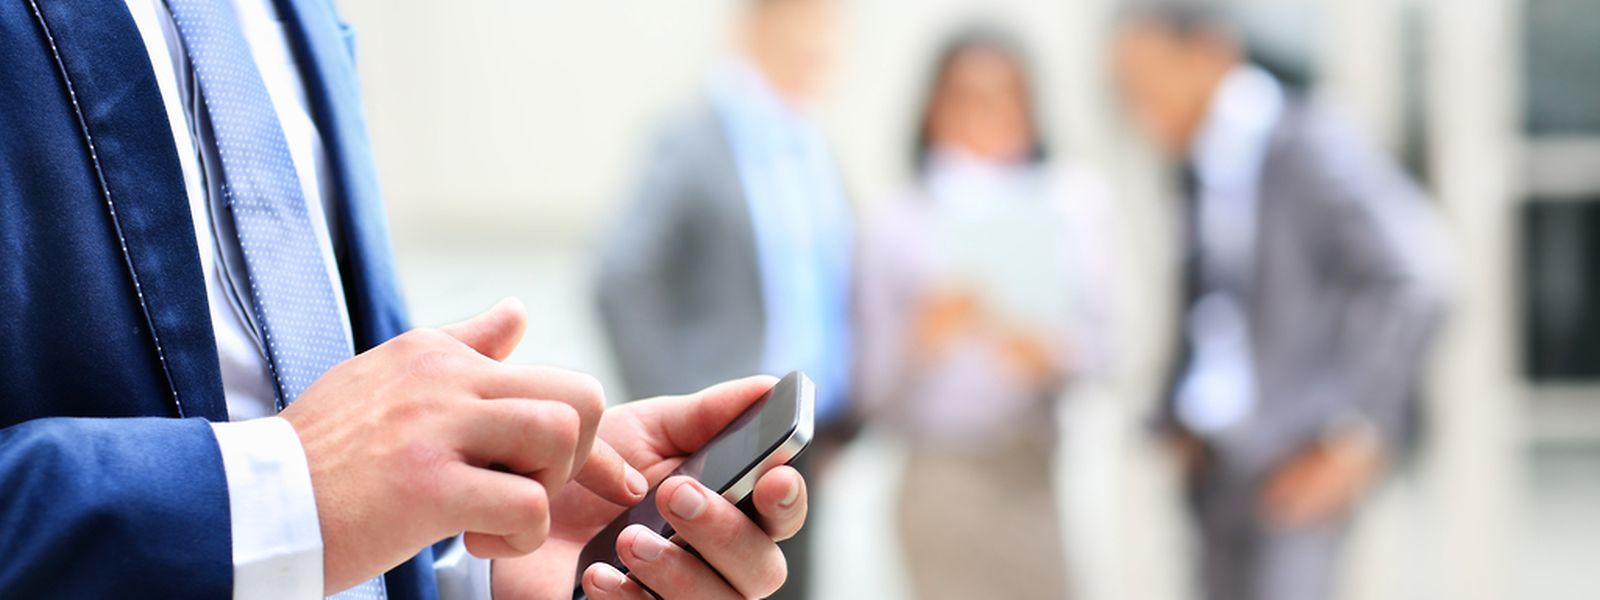 Wenn man die Finger nicht vom Smartphone lassen kann, leidet irgendwann auch die Arbeit.